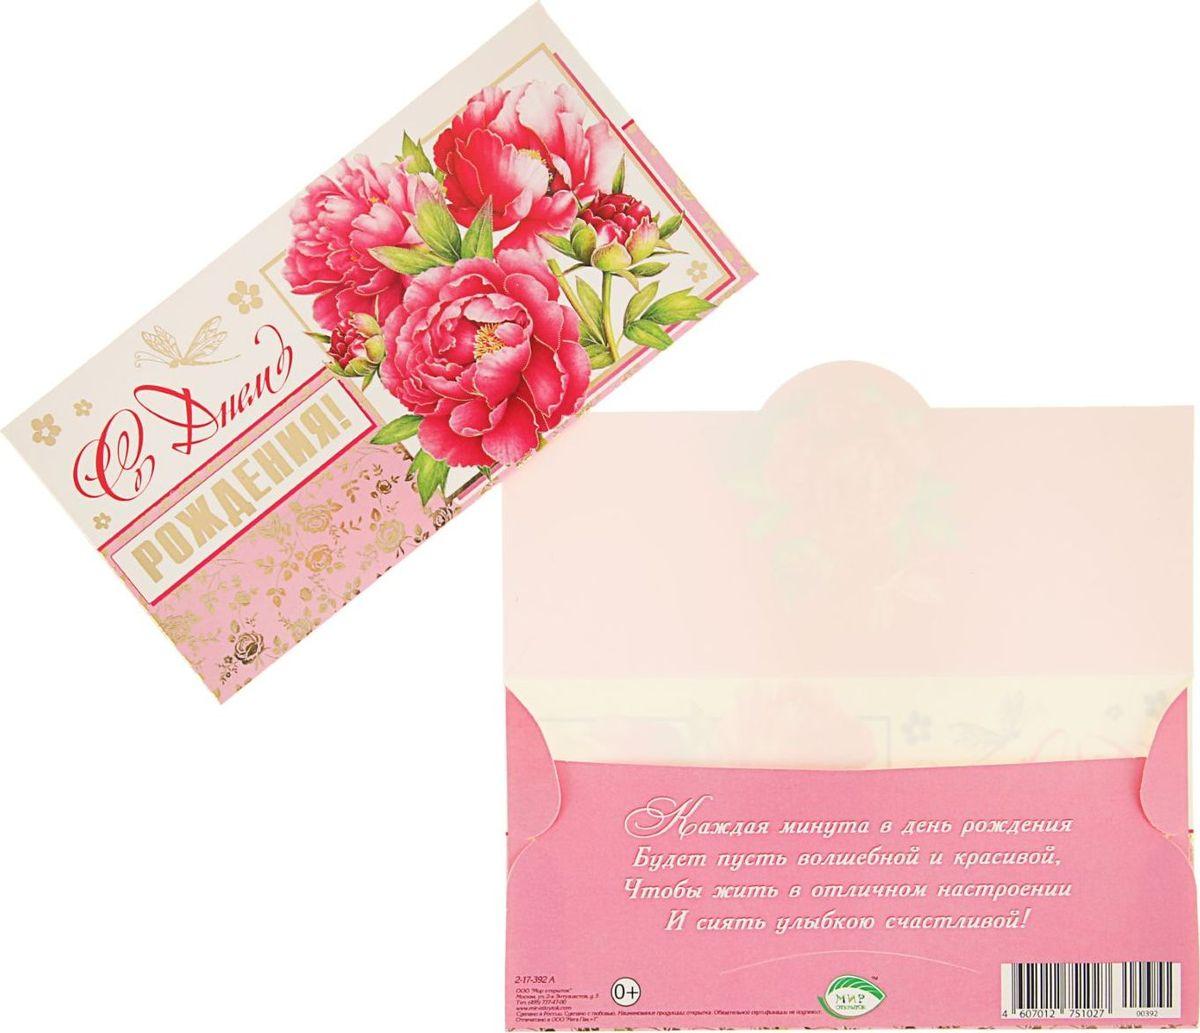 Конверт для денег Мир открыток С Днем Рождения! Розовые цветы, 16,4 х 8,4 см. 20156822015682Невозможно представить нашу жизнь без праздников! Мы всегда ждём их и предвкушаем, обдумываем, как проведём памятный день, тщательно выбираем подарки и аксессуары, ведь именно они создают и поддерживают торжественный настрой. Этот конверт - отличный выбор, который привнесёт атмосферу праздника в ваш дом!